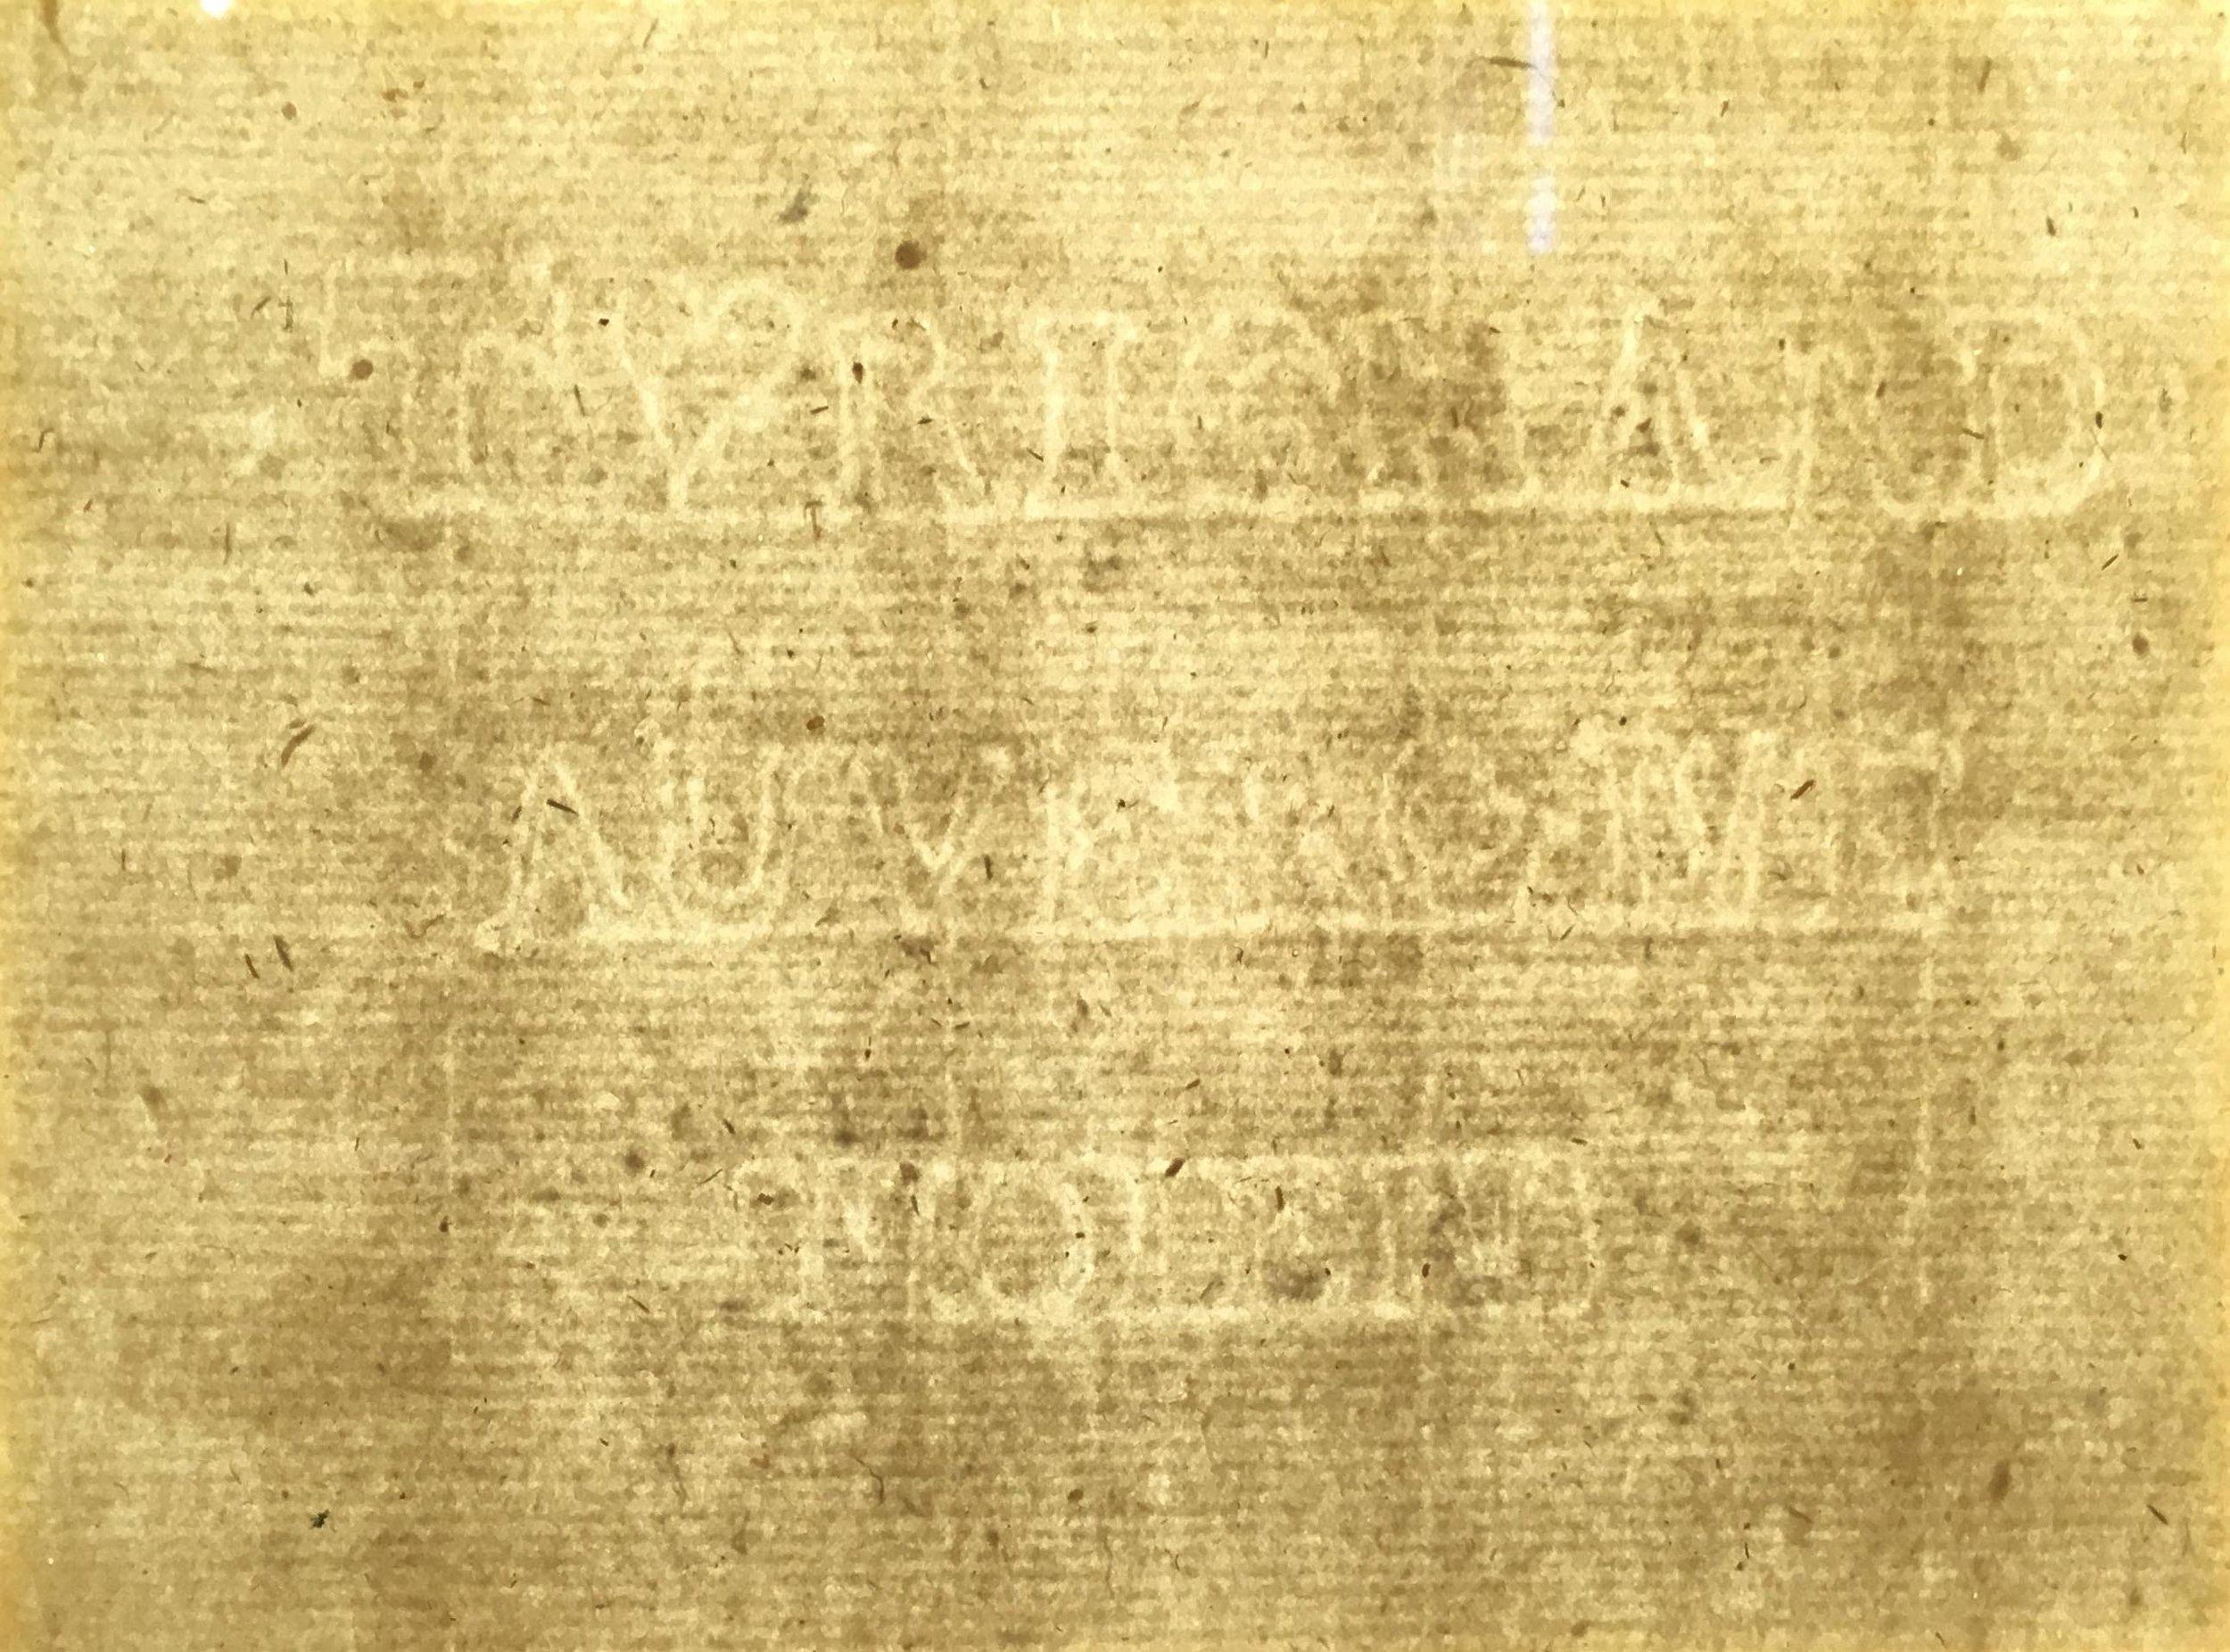 history of paper watermarks.jpg